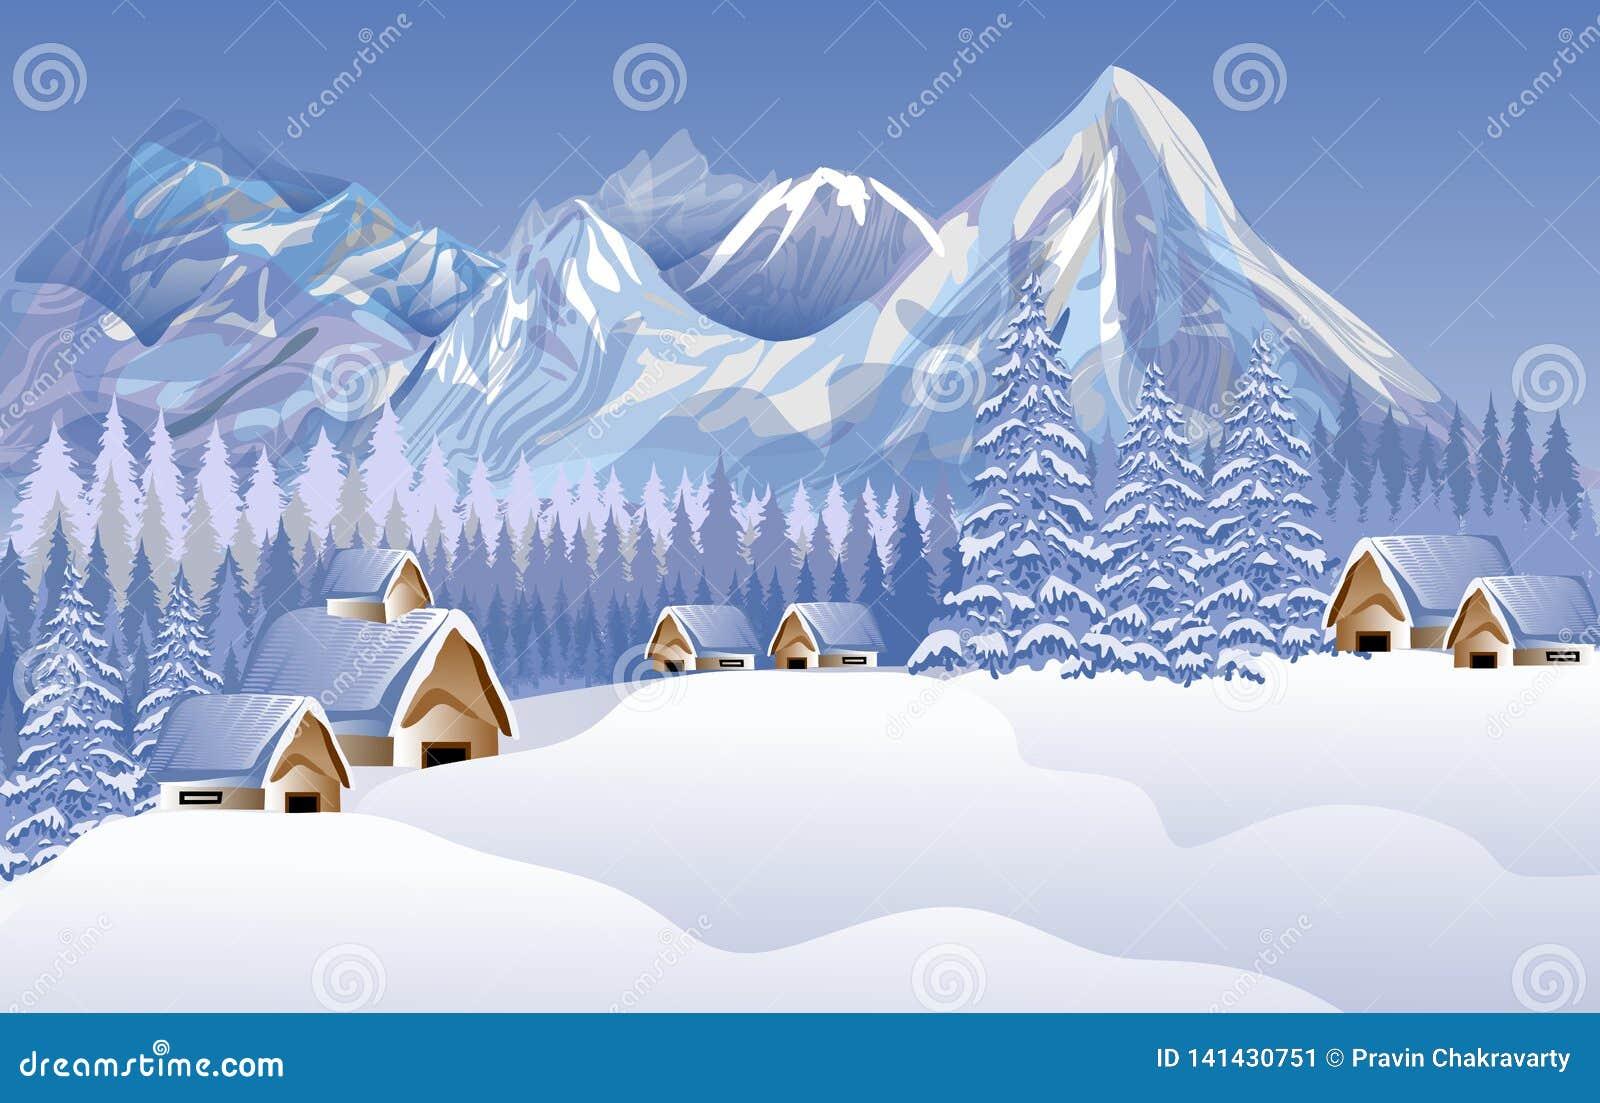 Abstrakcjonistyczny wektorowy wesoło bożych narodzeń krajobraz Dom, śnieg tło tła broszury brązu projektu batikowego okrągłe zapr